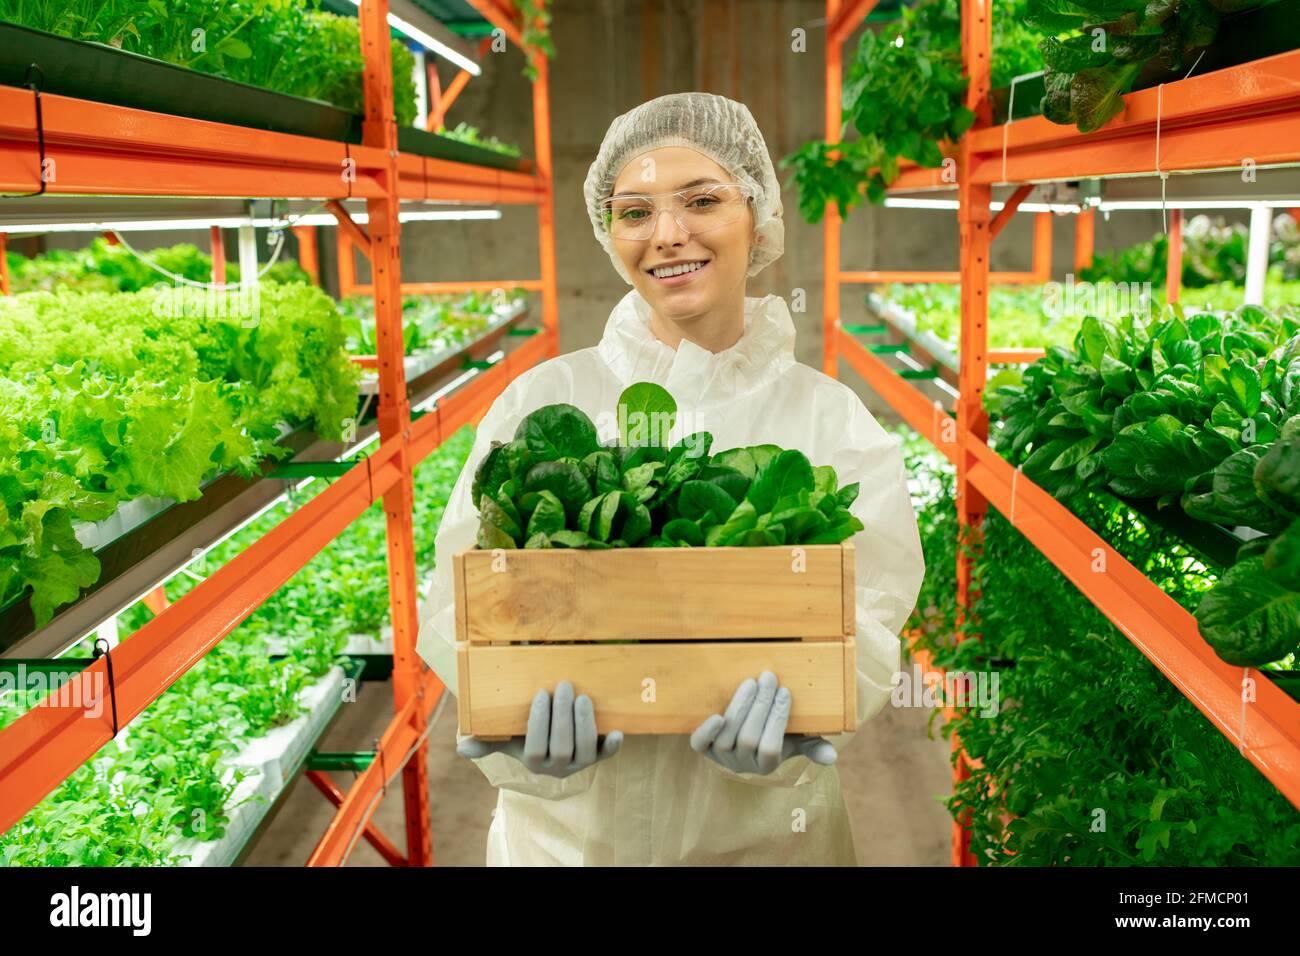 Porträt von fröhlichen jungen Greenhouse-Mitarbeiter in schützende Arbeitskleidung und Brillen, die Keimlinge im Gang der vertikalen Farm halten Stockfoto